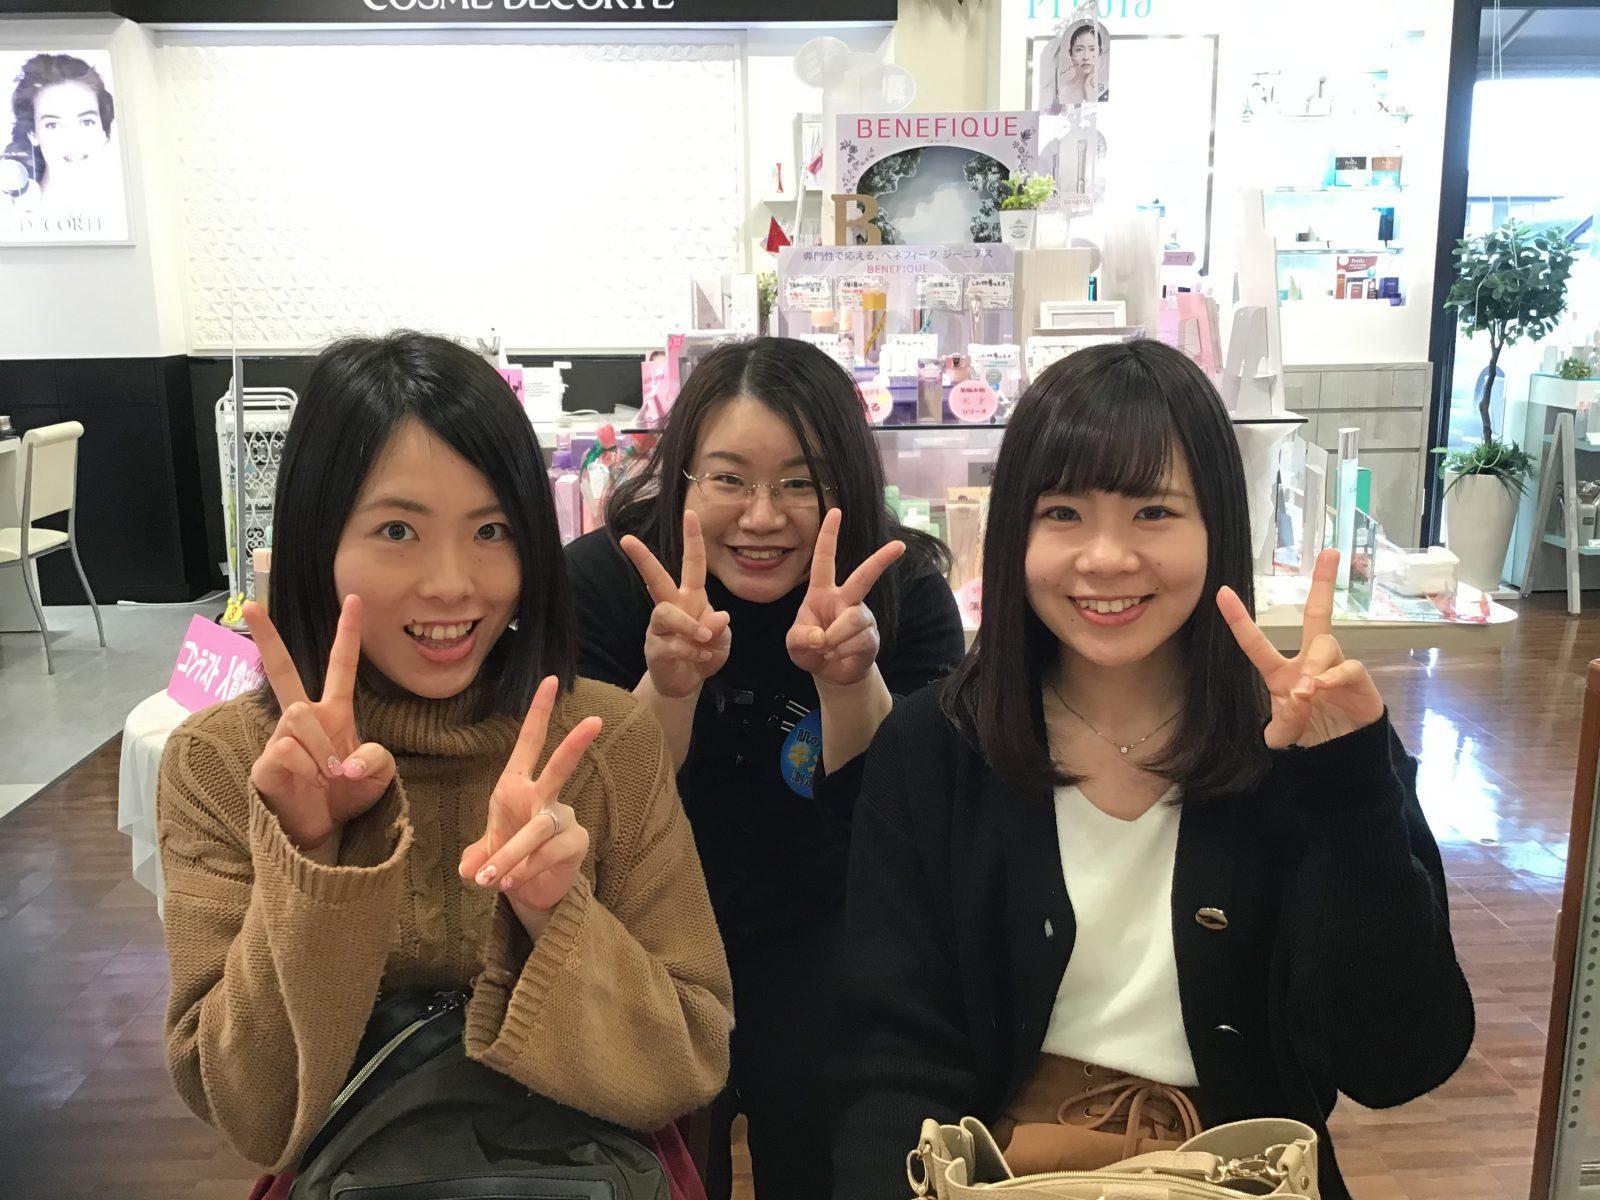 初めてご来店していただいた笑顔がステキなお2人。「キレイになりたい!」の想いが伝わりました!